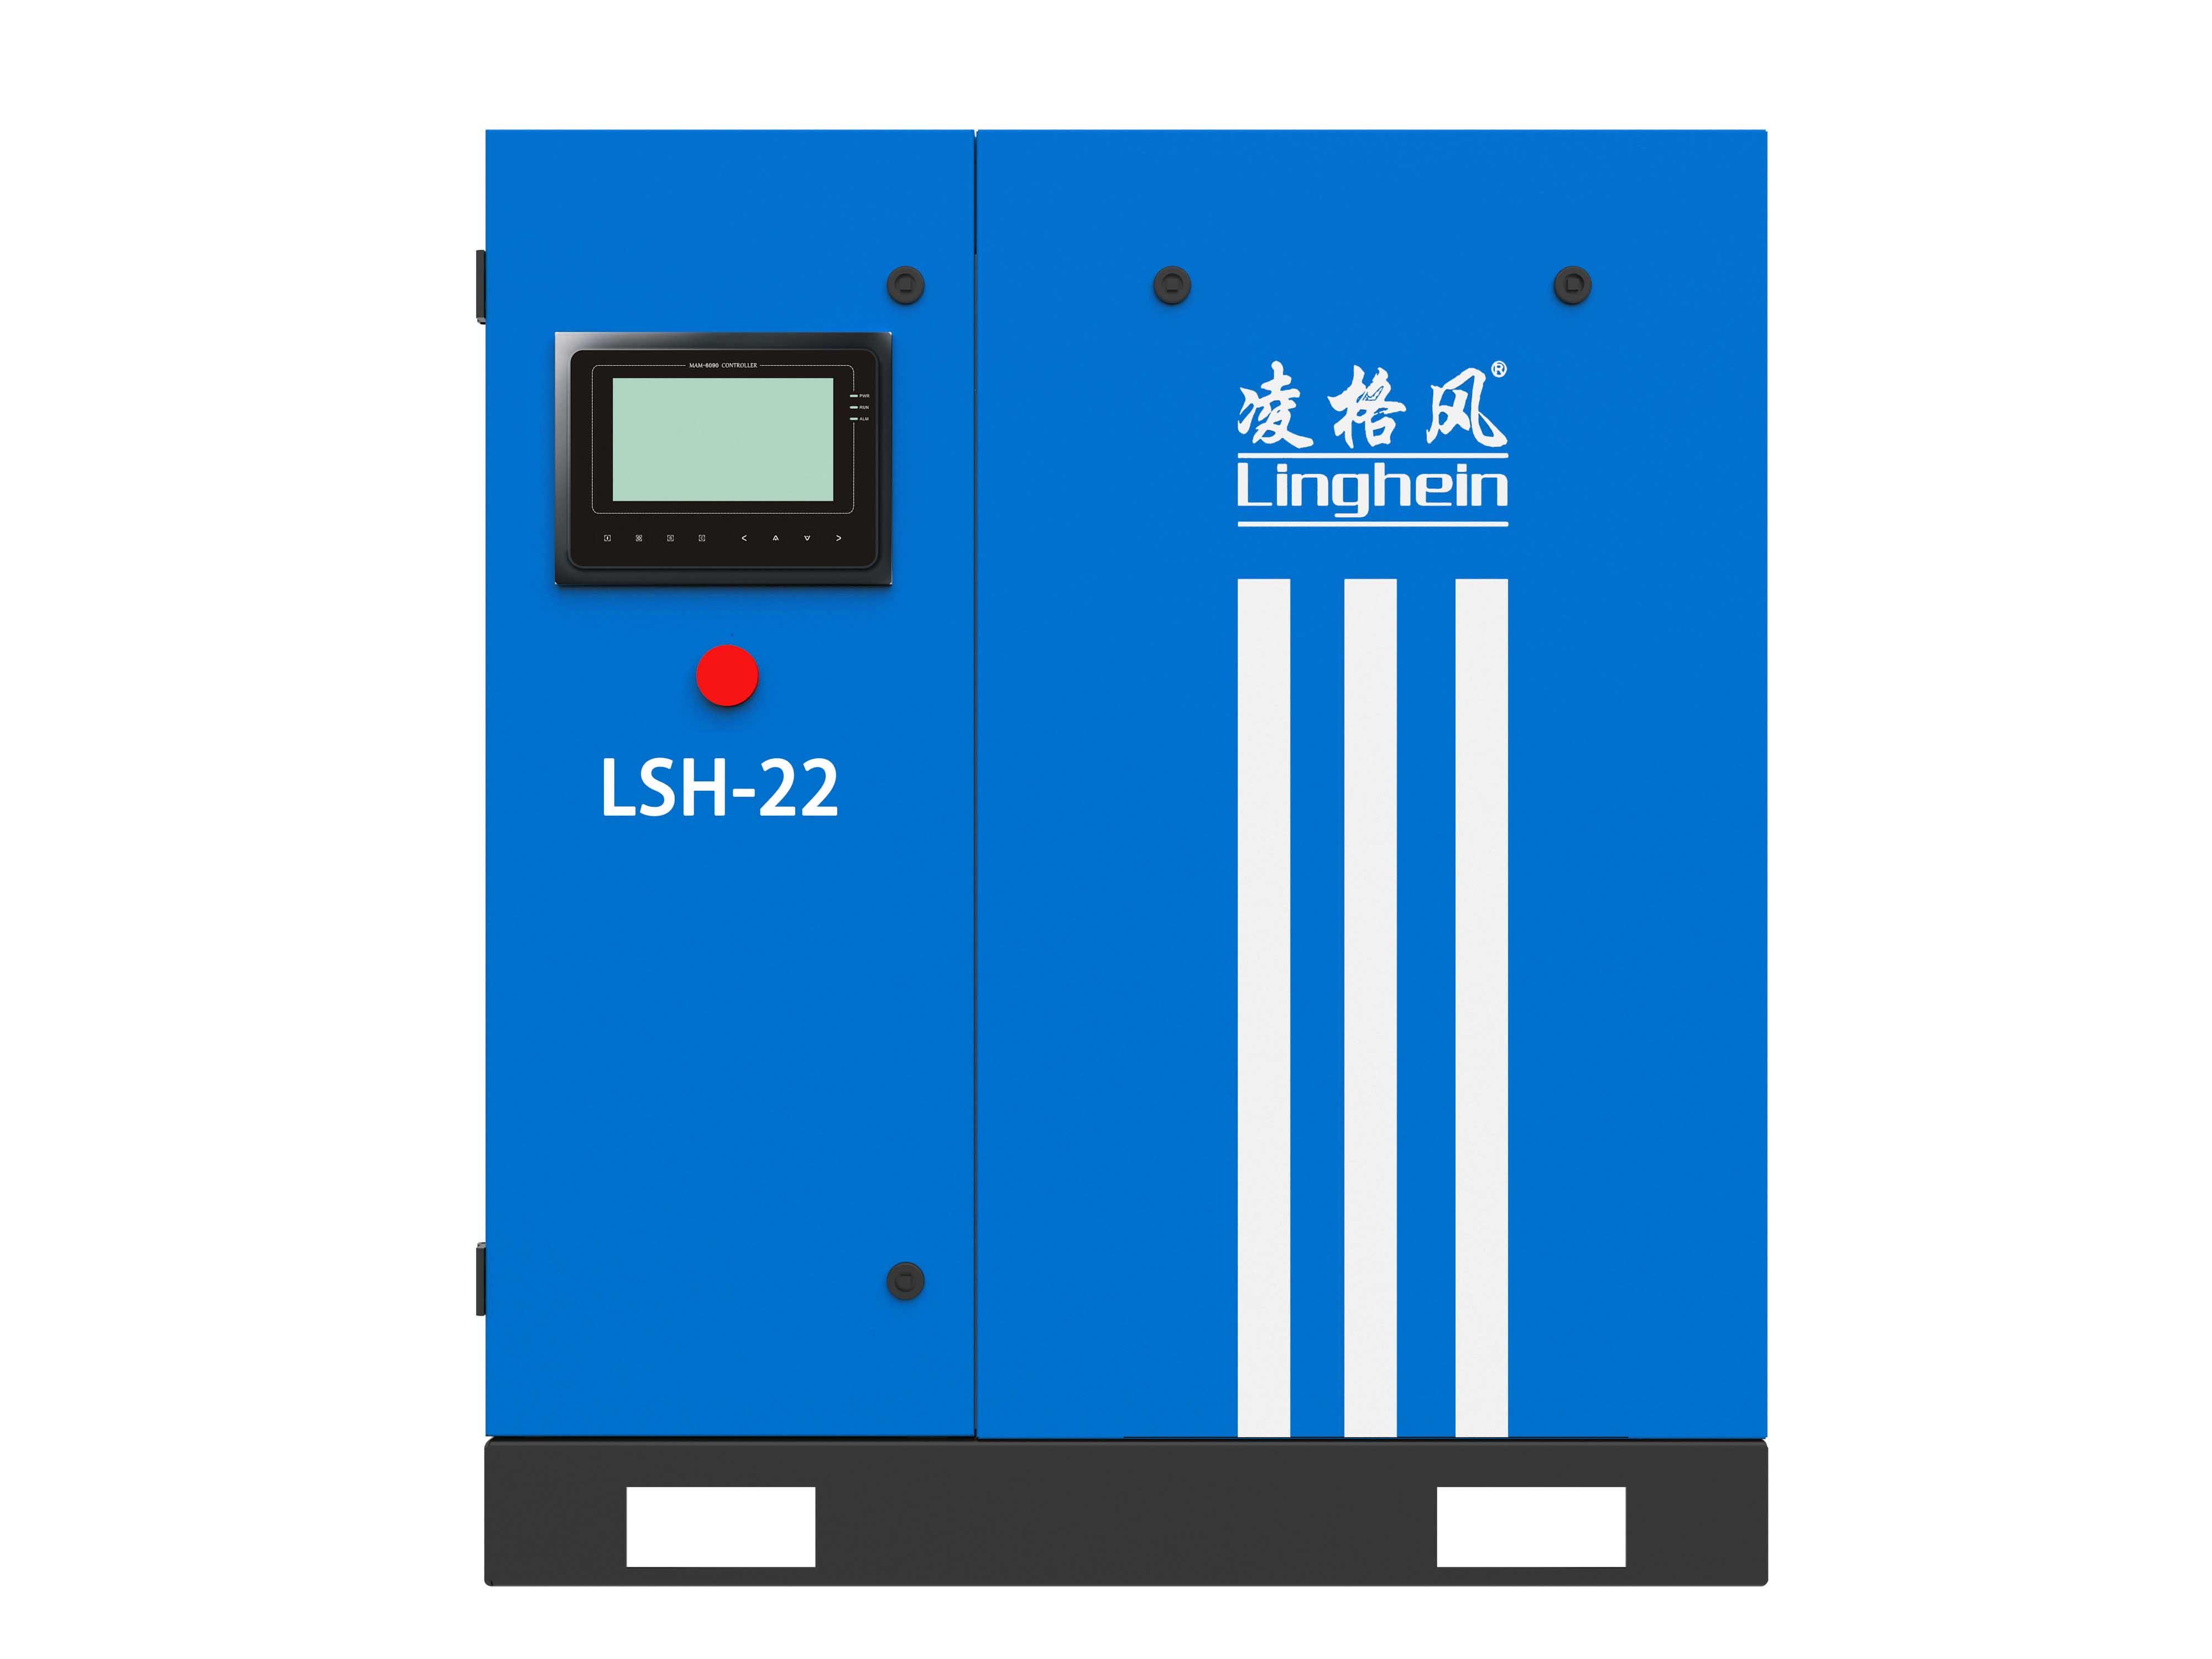 浙江永磁变频螺杆空压机售后 创新服务 上海凌格风气体技术供应